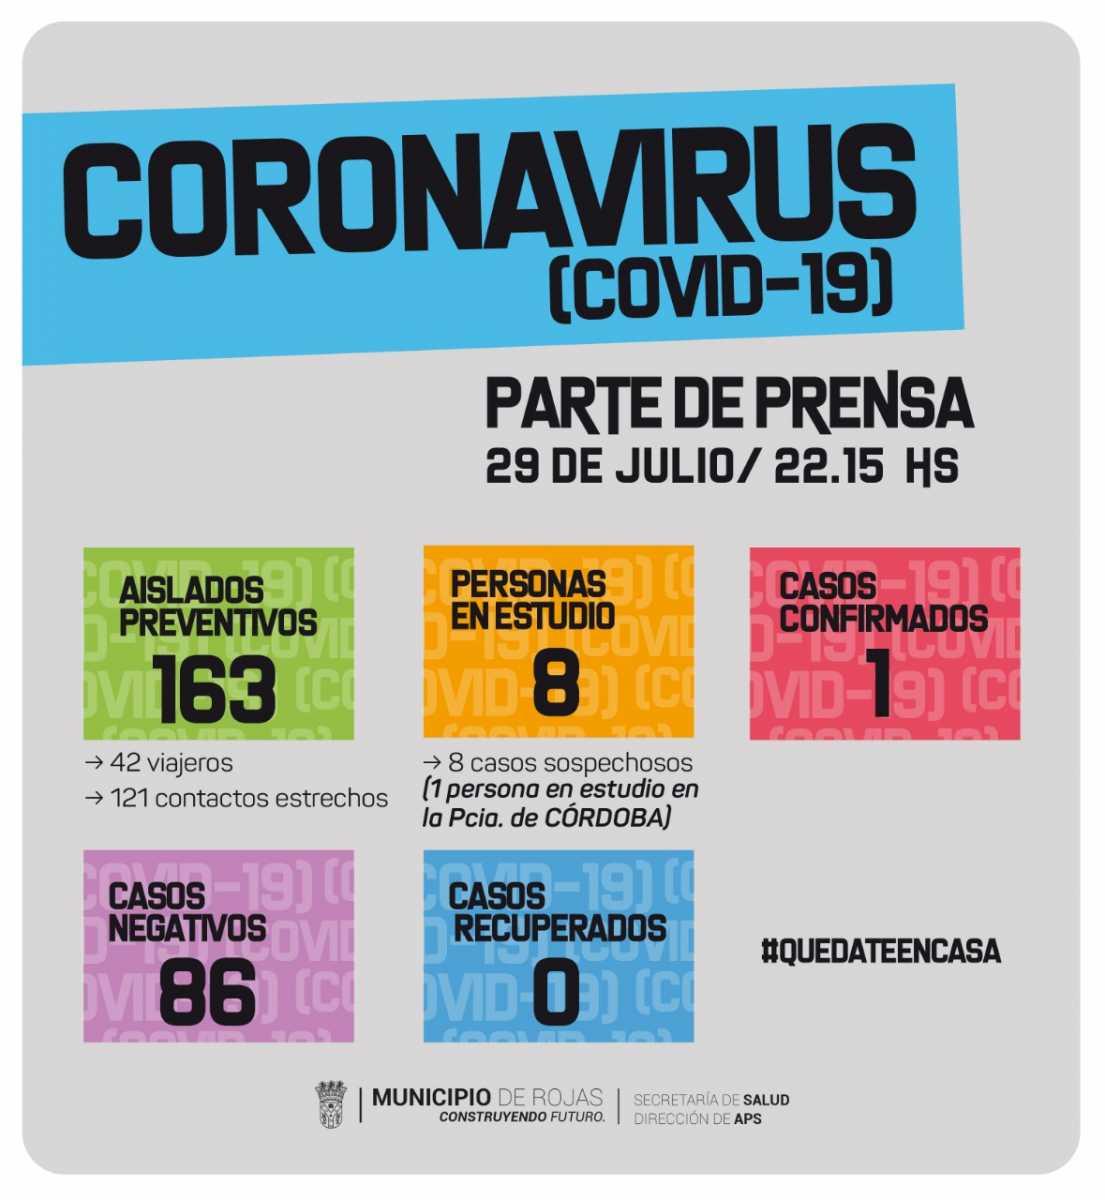 Covid 19: hay 8 personas en estudio y 163 aislados preventivos